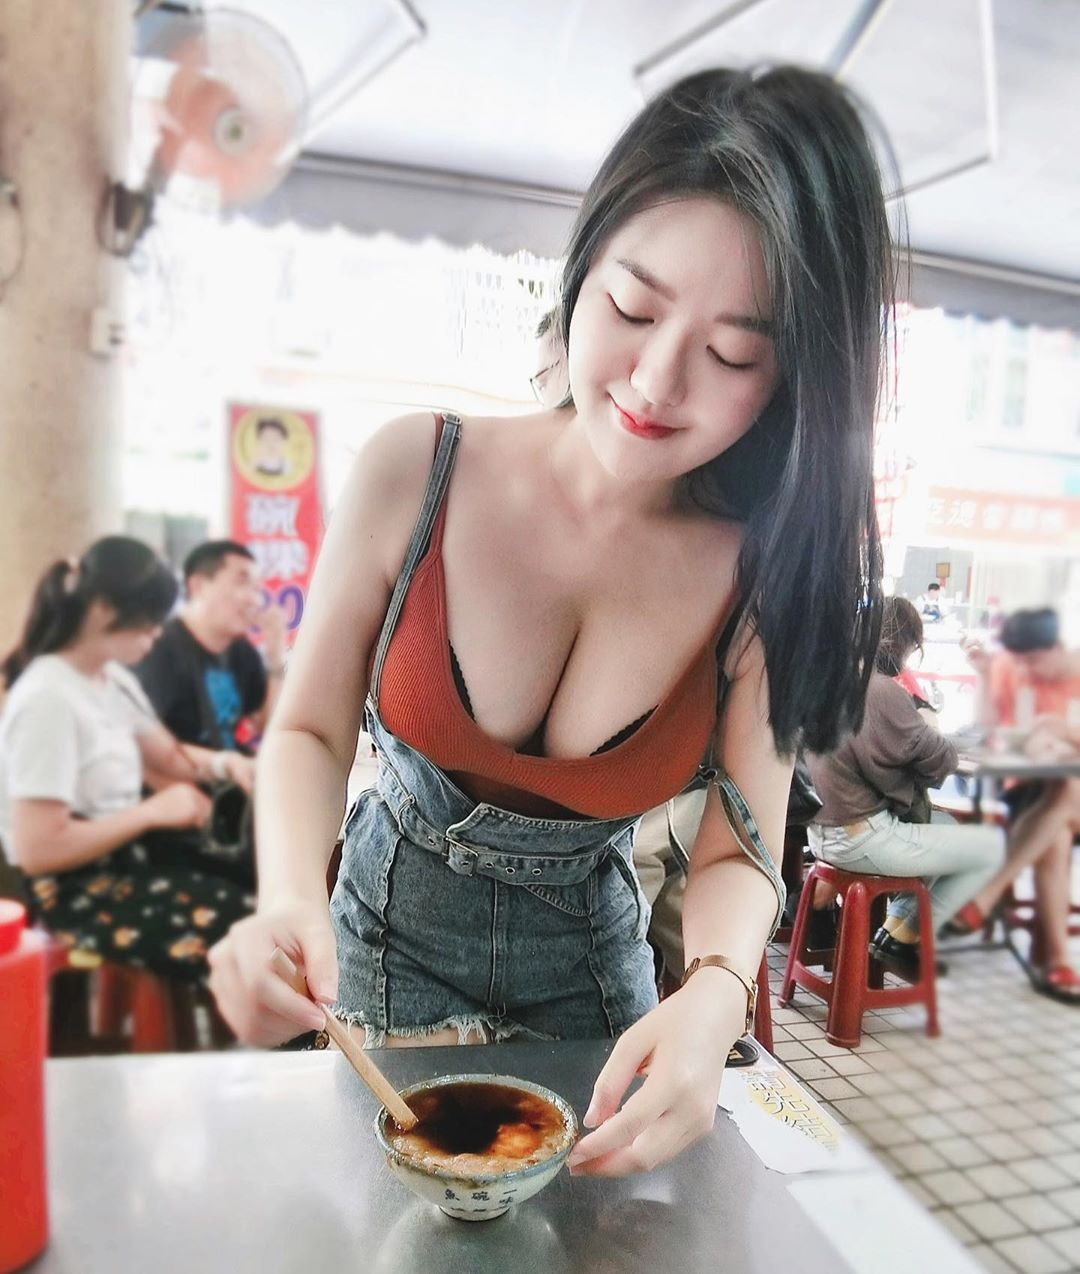 白嫩大胸妹Judy Chiu穿着性感小背心逛夜市